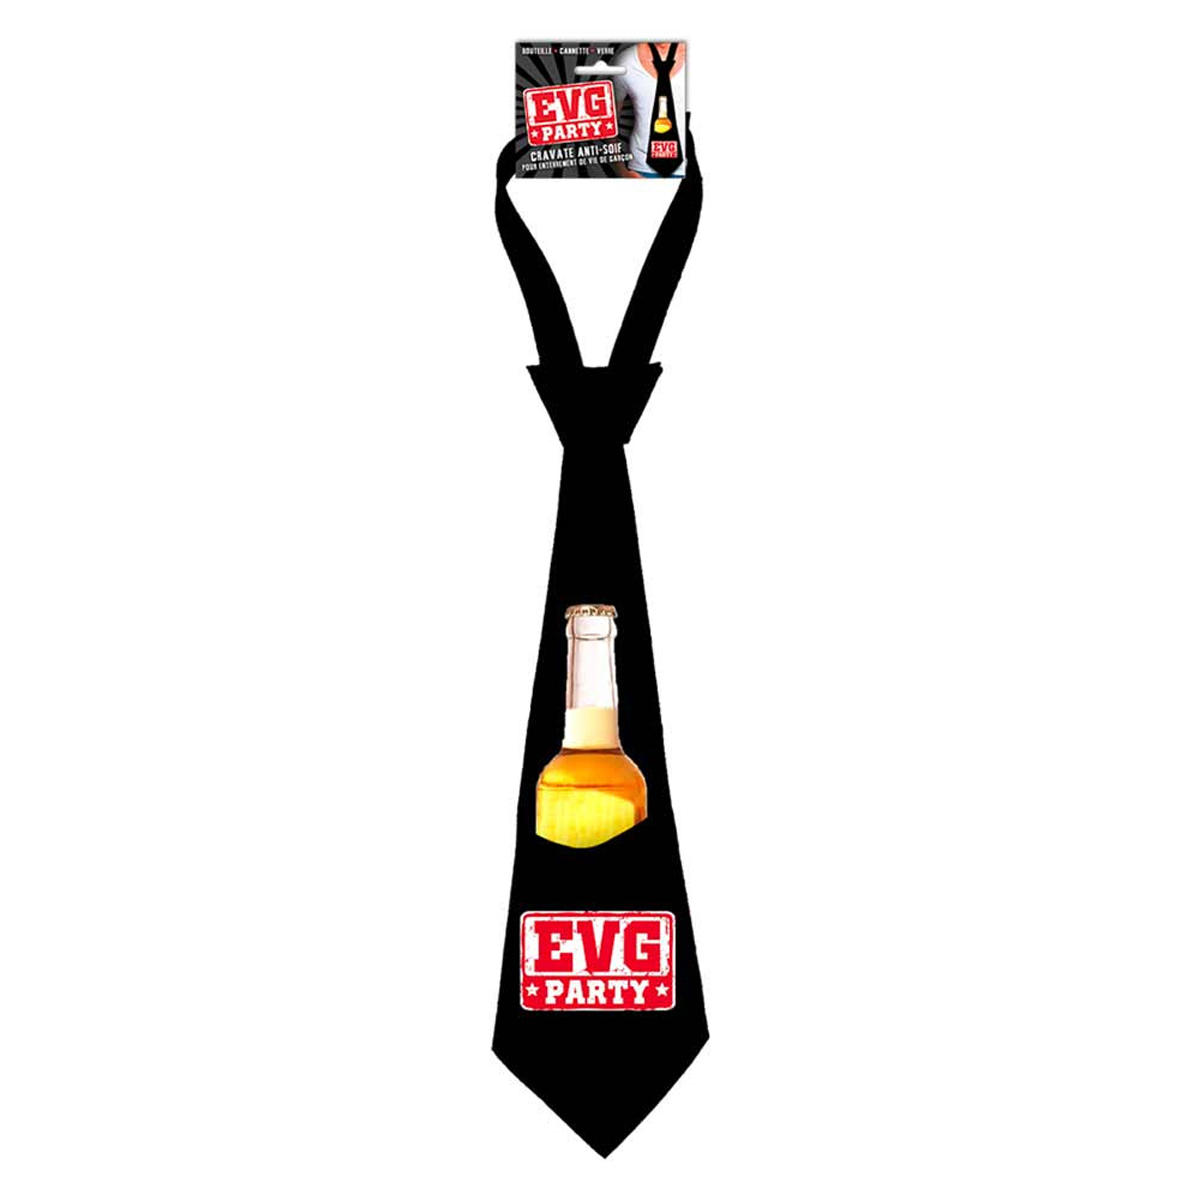 Cravate anti-soif \'Enterrement de vie de garçon\' noir - [P8772]